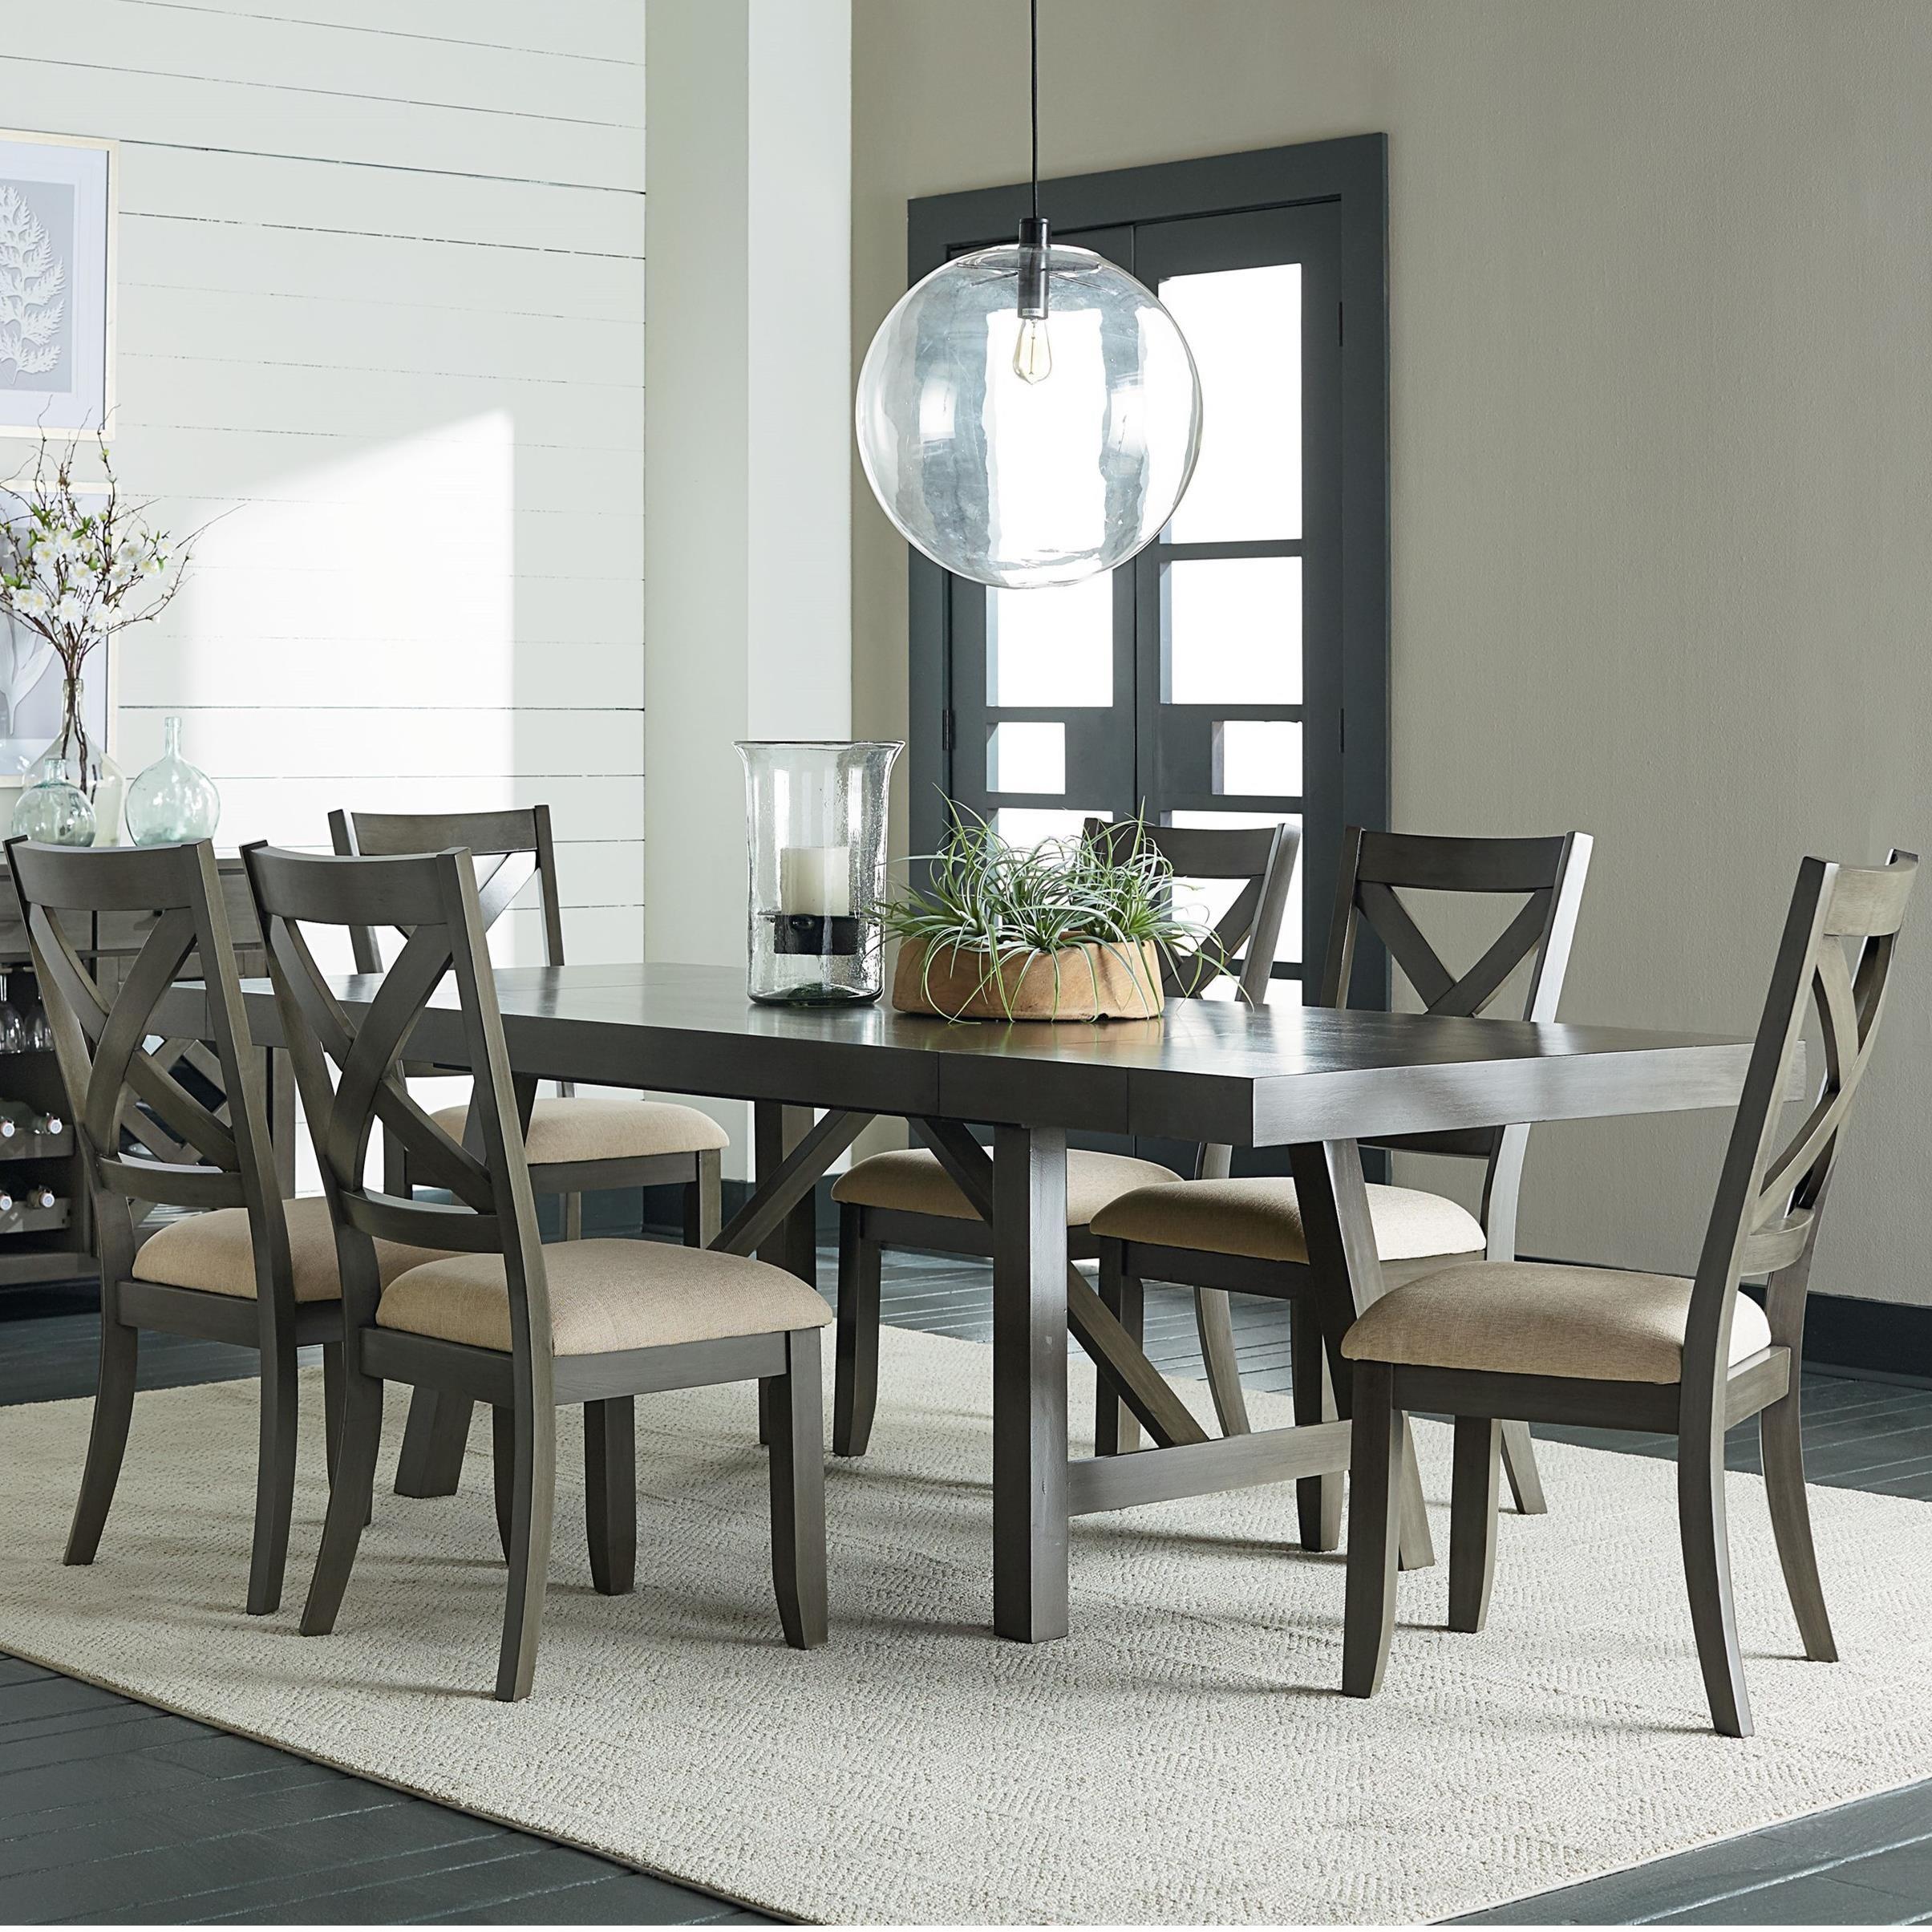 Standard Furniture Omaha GreyTrestle Table Dining Set